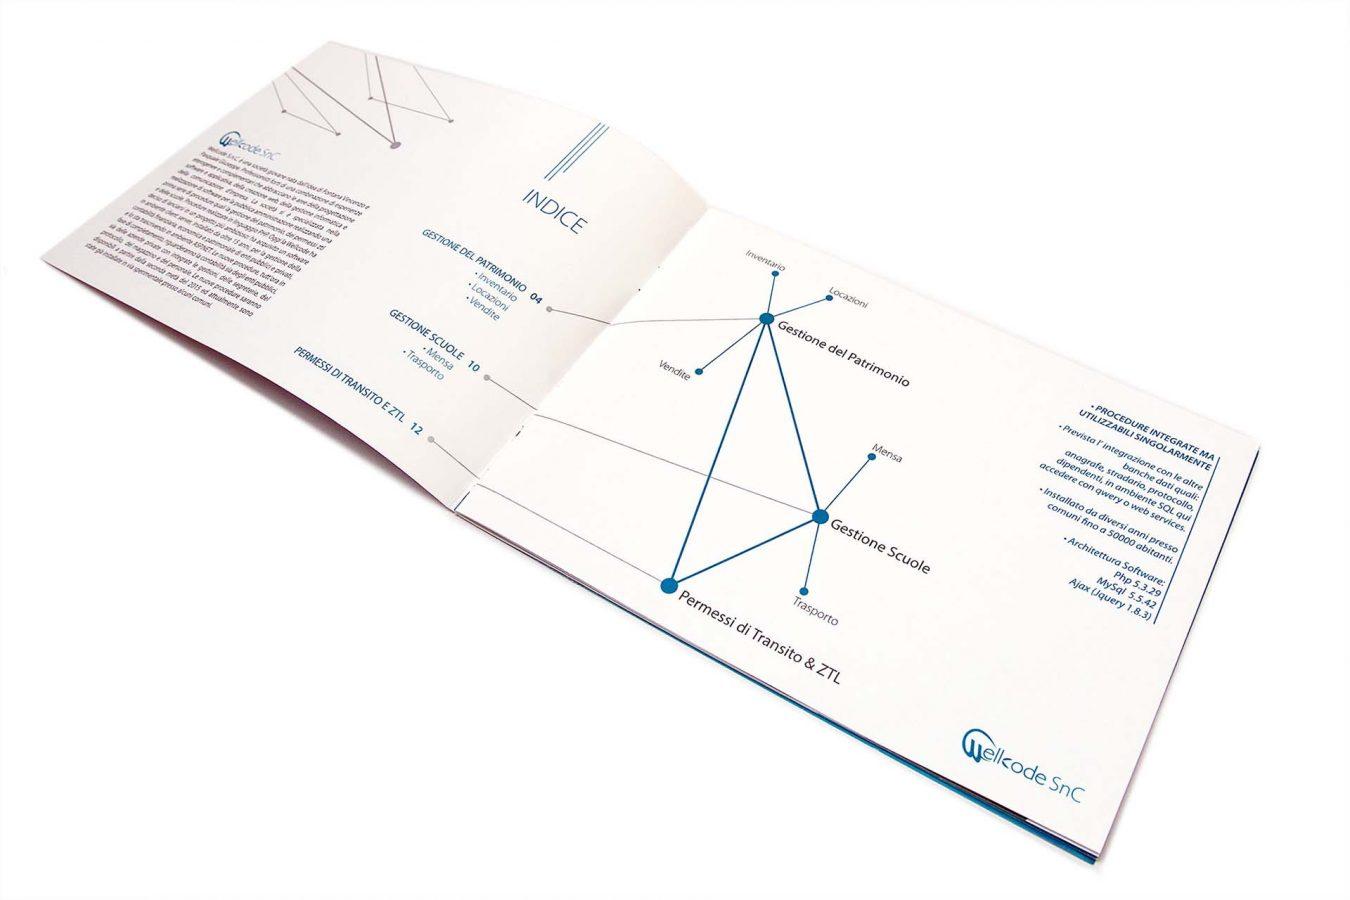 Brochure, Grafica, Pubblicità, Branding, Campobasso, Fotografia, Web